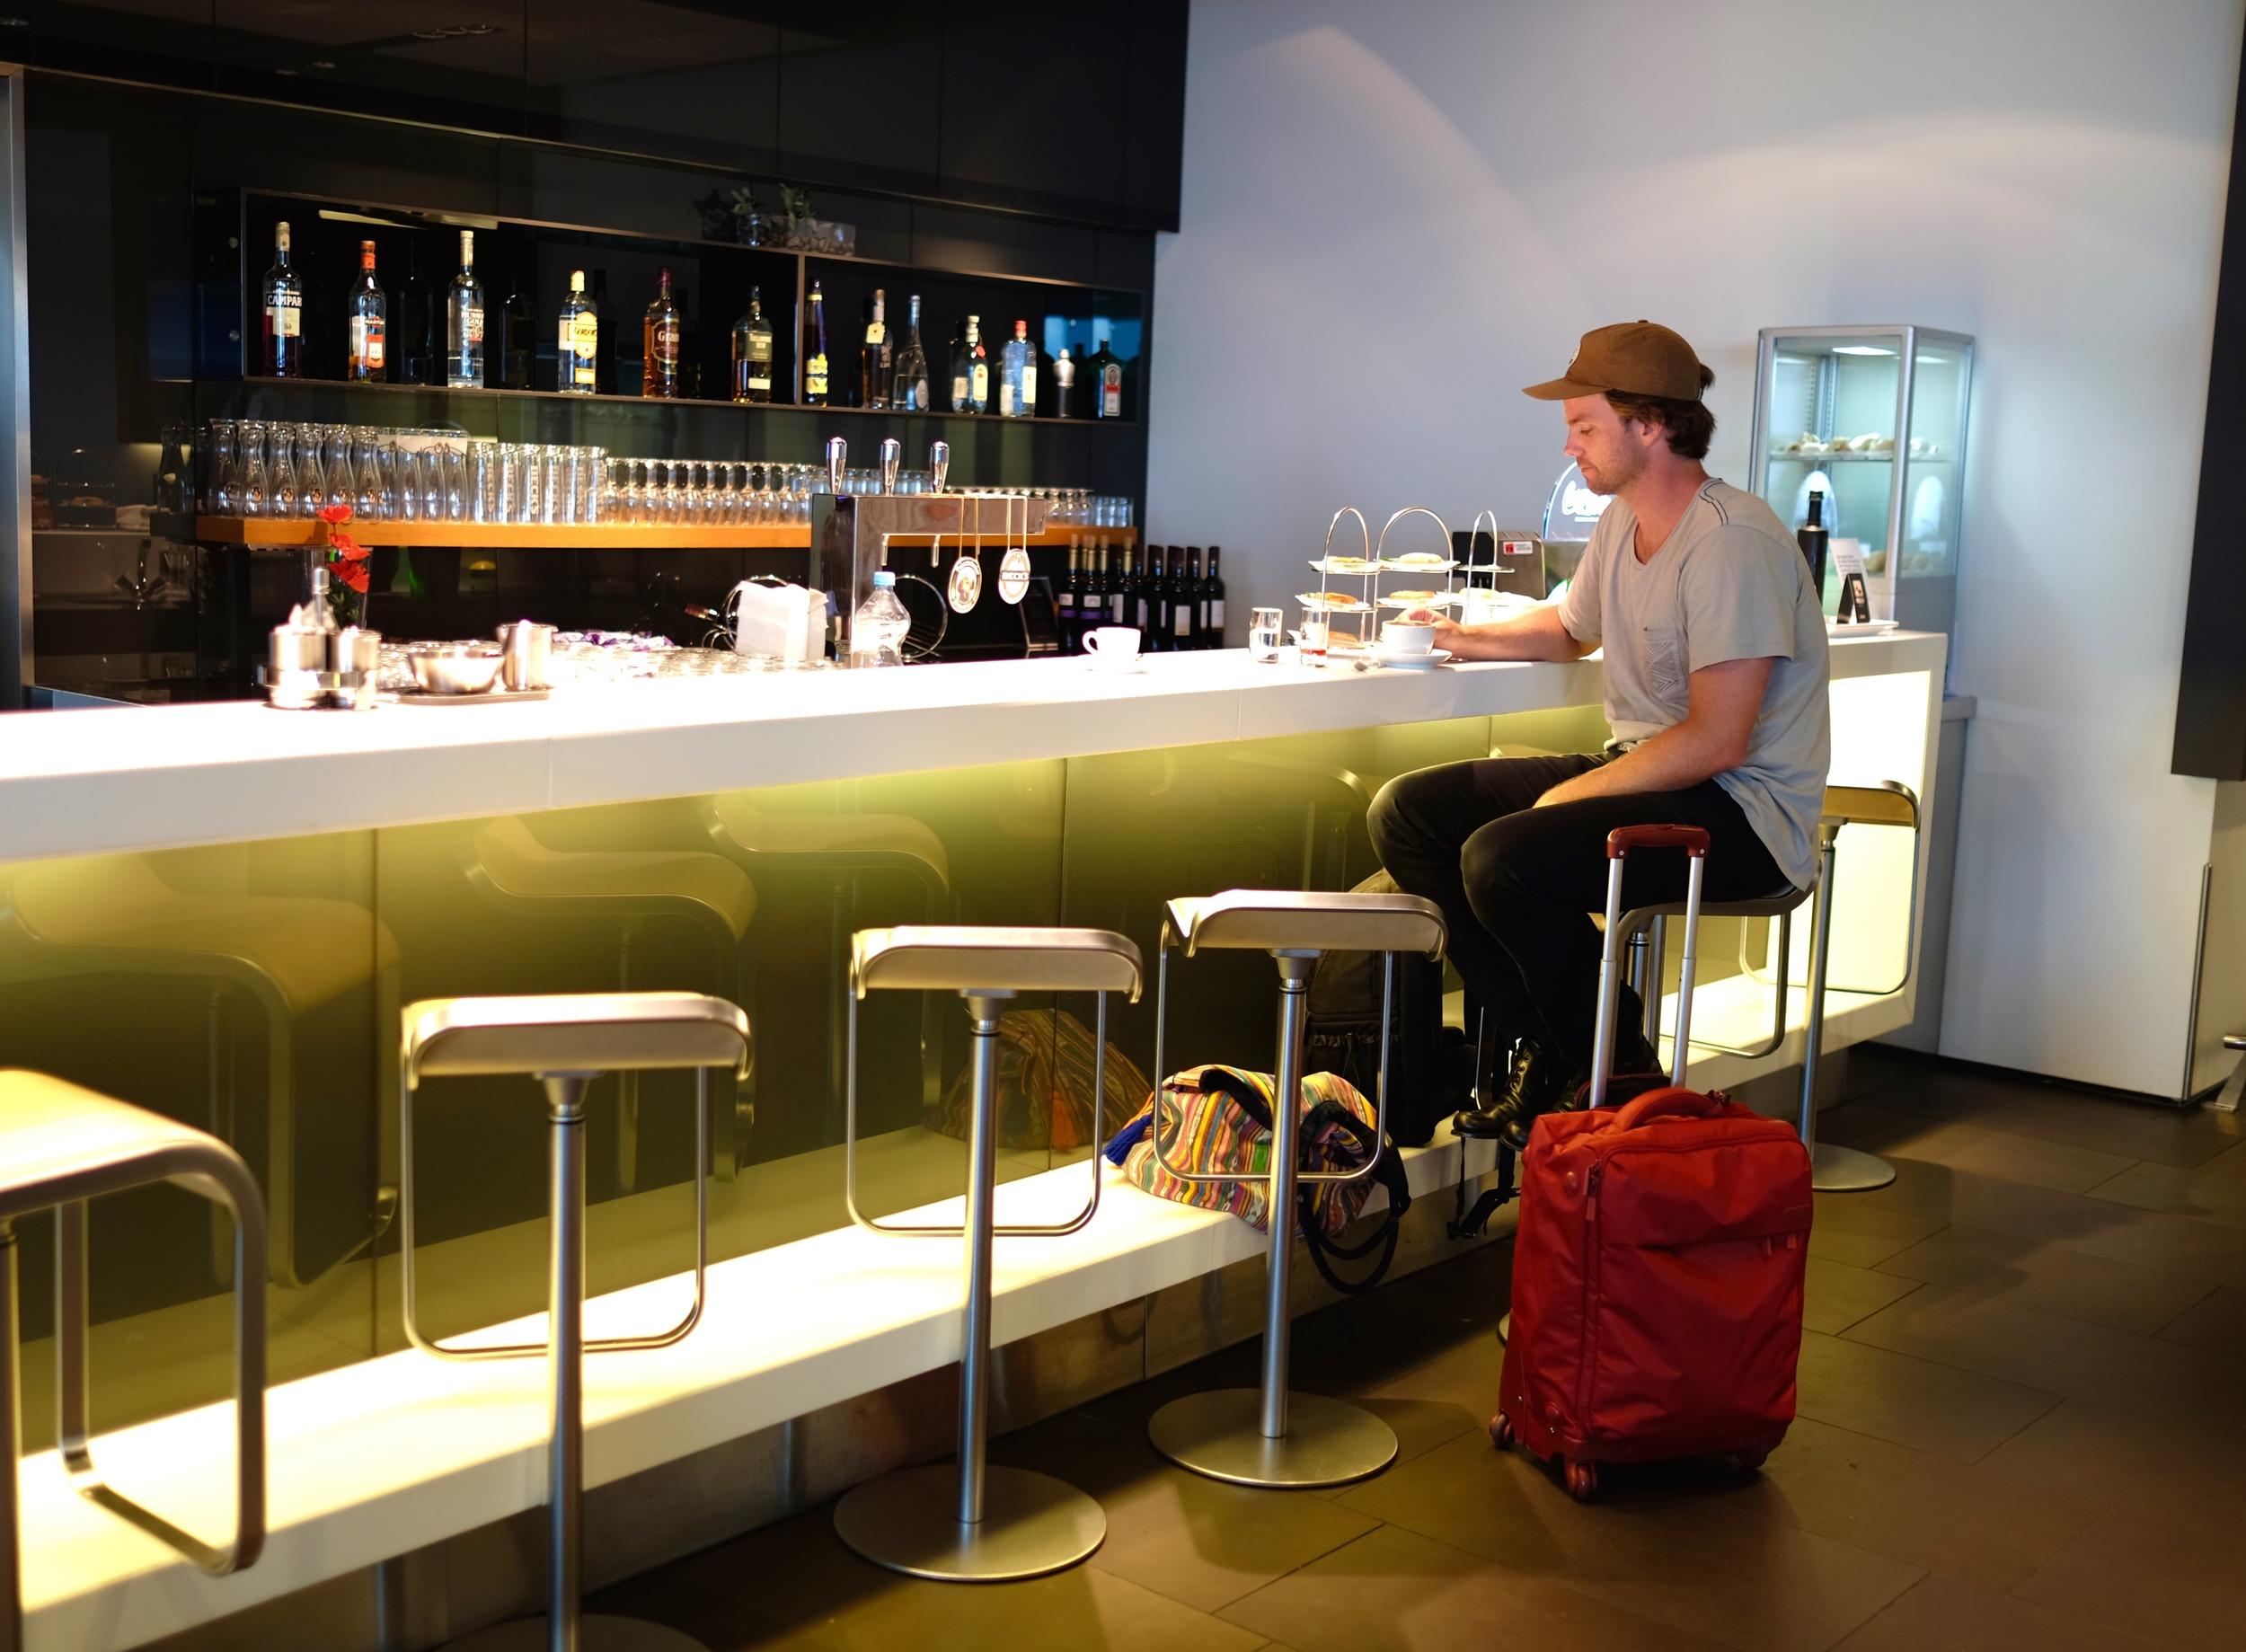 Lufthansa Business Class Lounge, Frankfurt